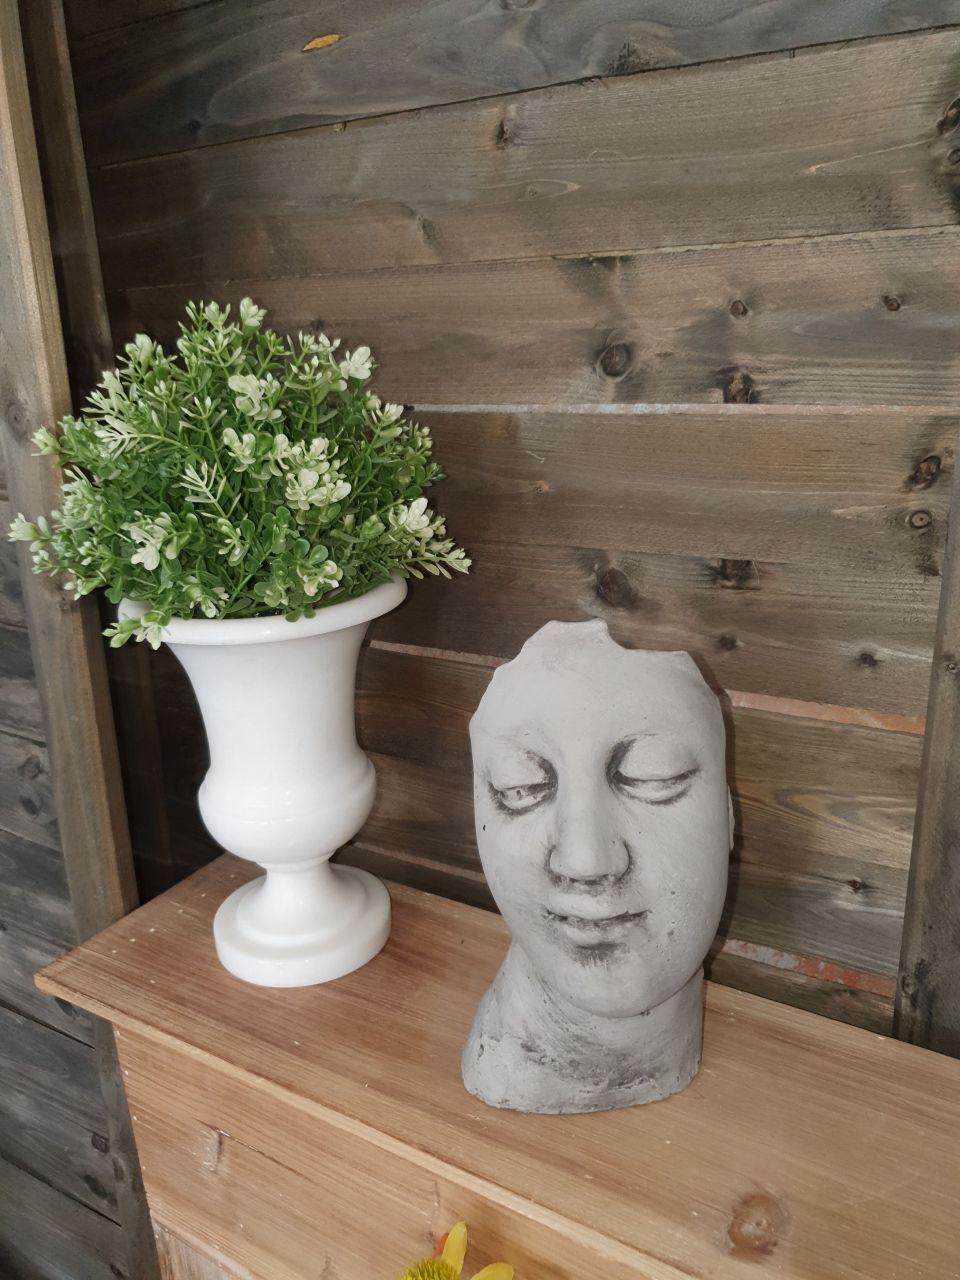 -Gartenfigur Kleines Gesicht- antik grau-